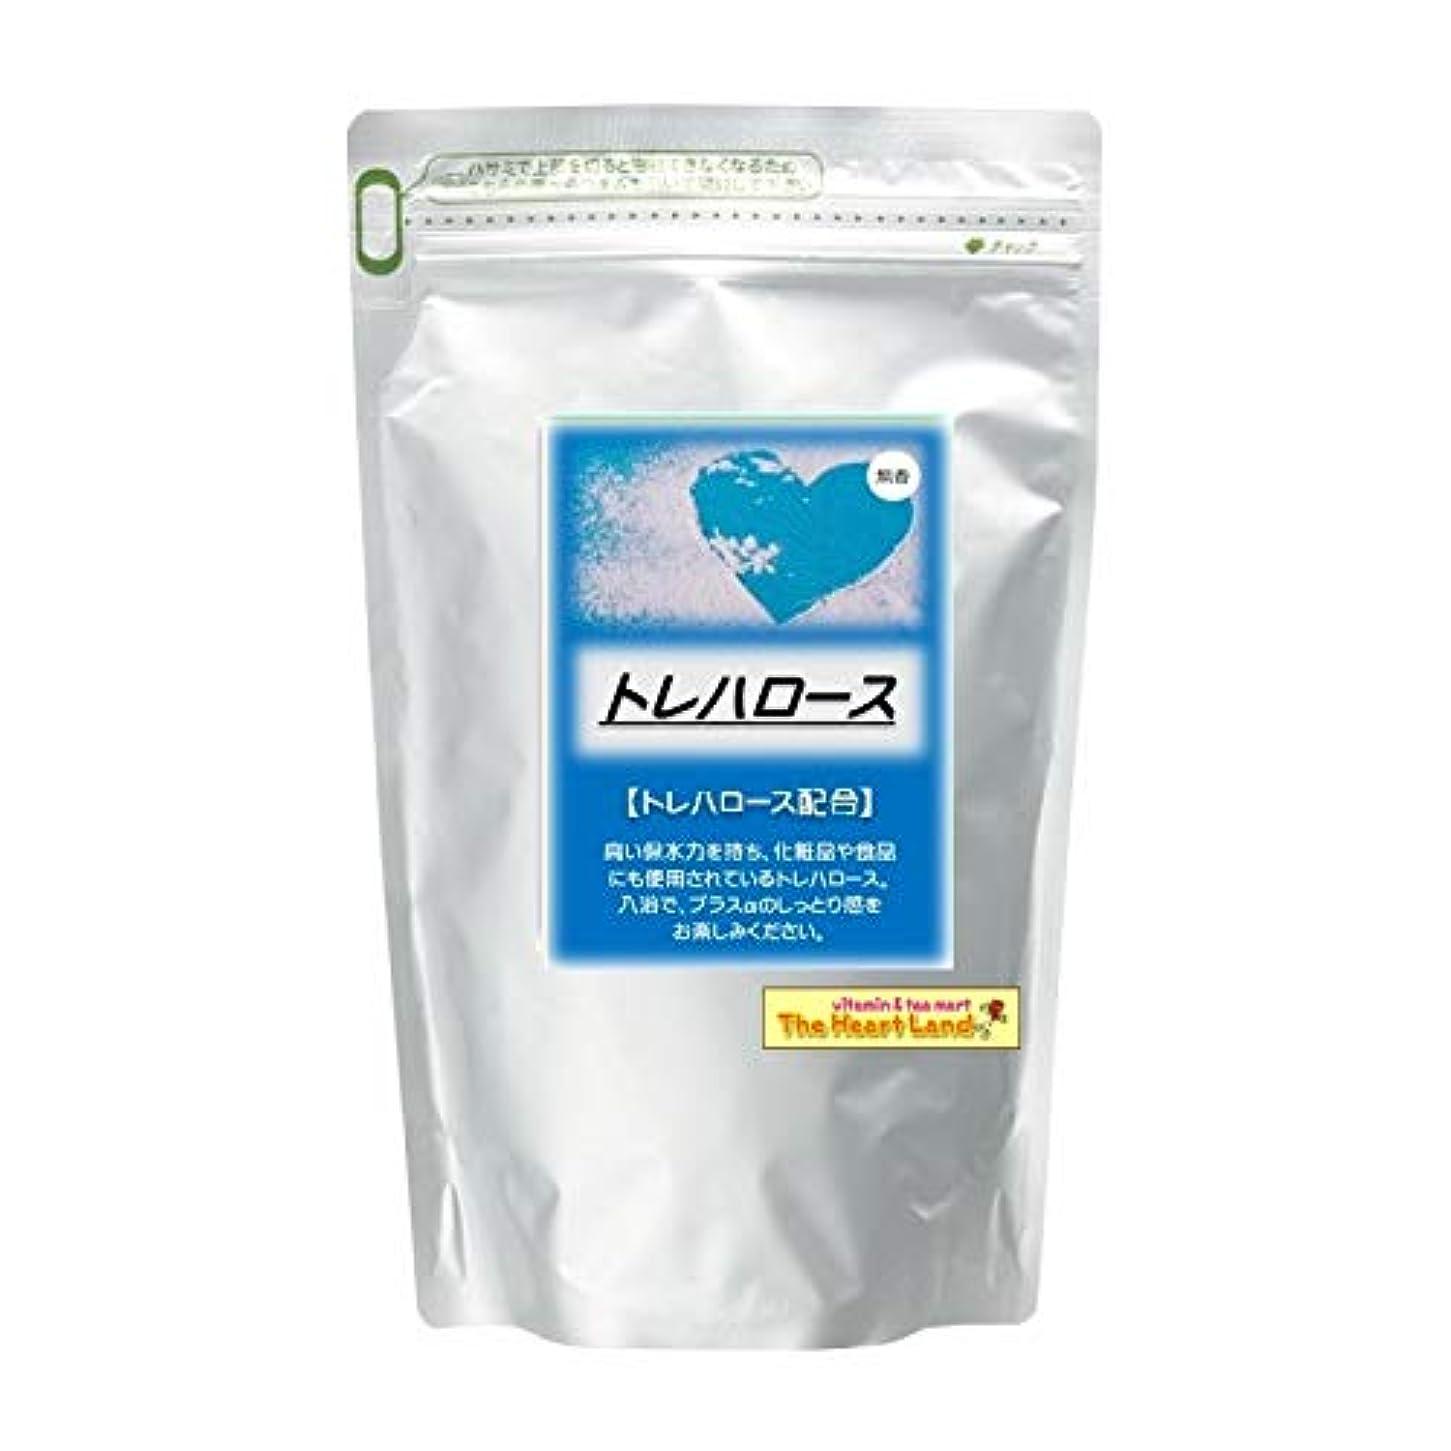 アサヒ入浴剤 浴用入浴化粧品 トレハロース 2.5kg